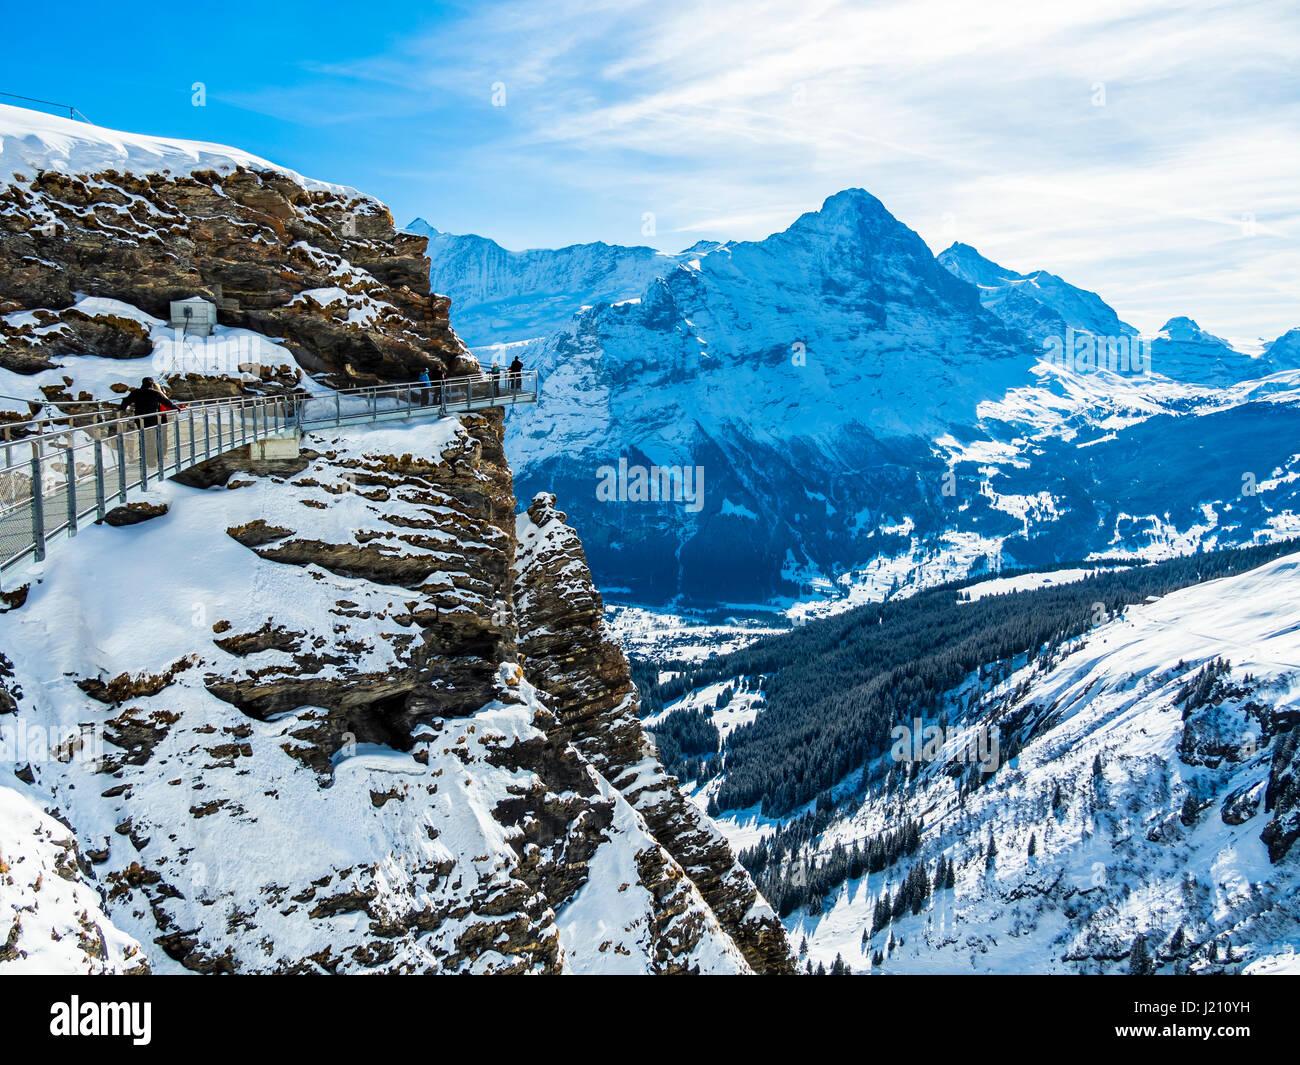 Schweiz, Kanton Bern, Berner Oberland, Interlaken-Oberhasli, First, Grindelwald, Blick vom First Cliff Walk auf - Stock Image